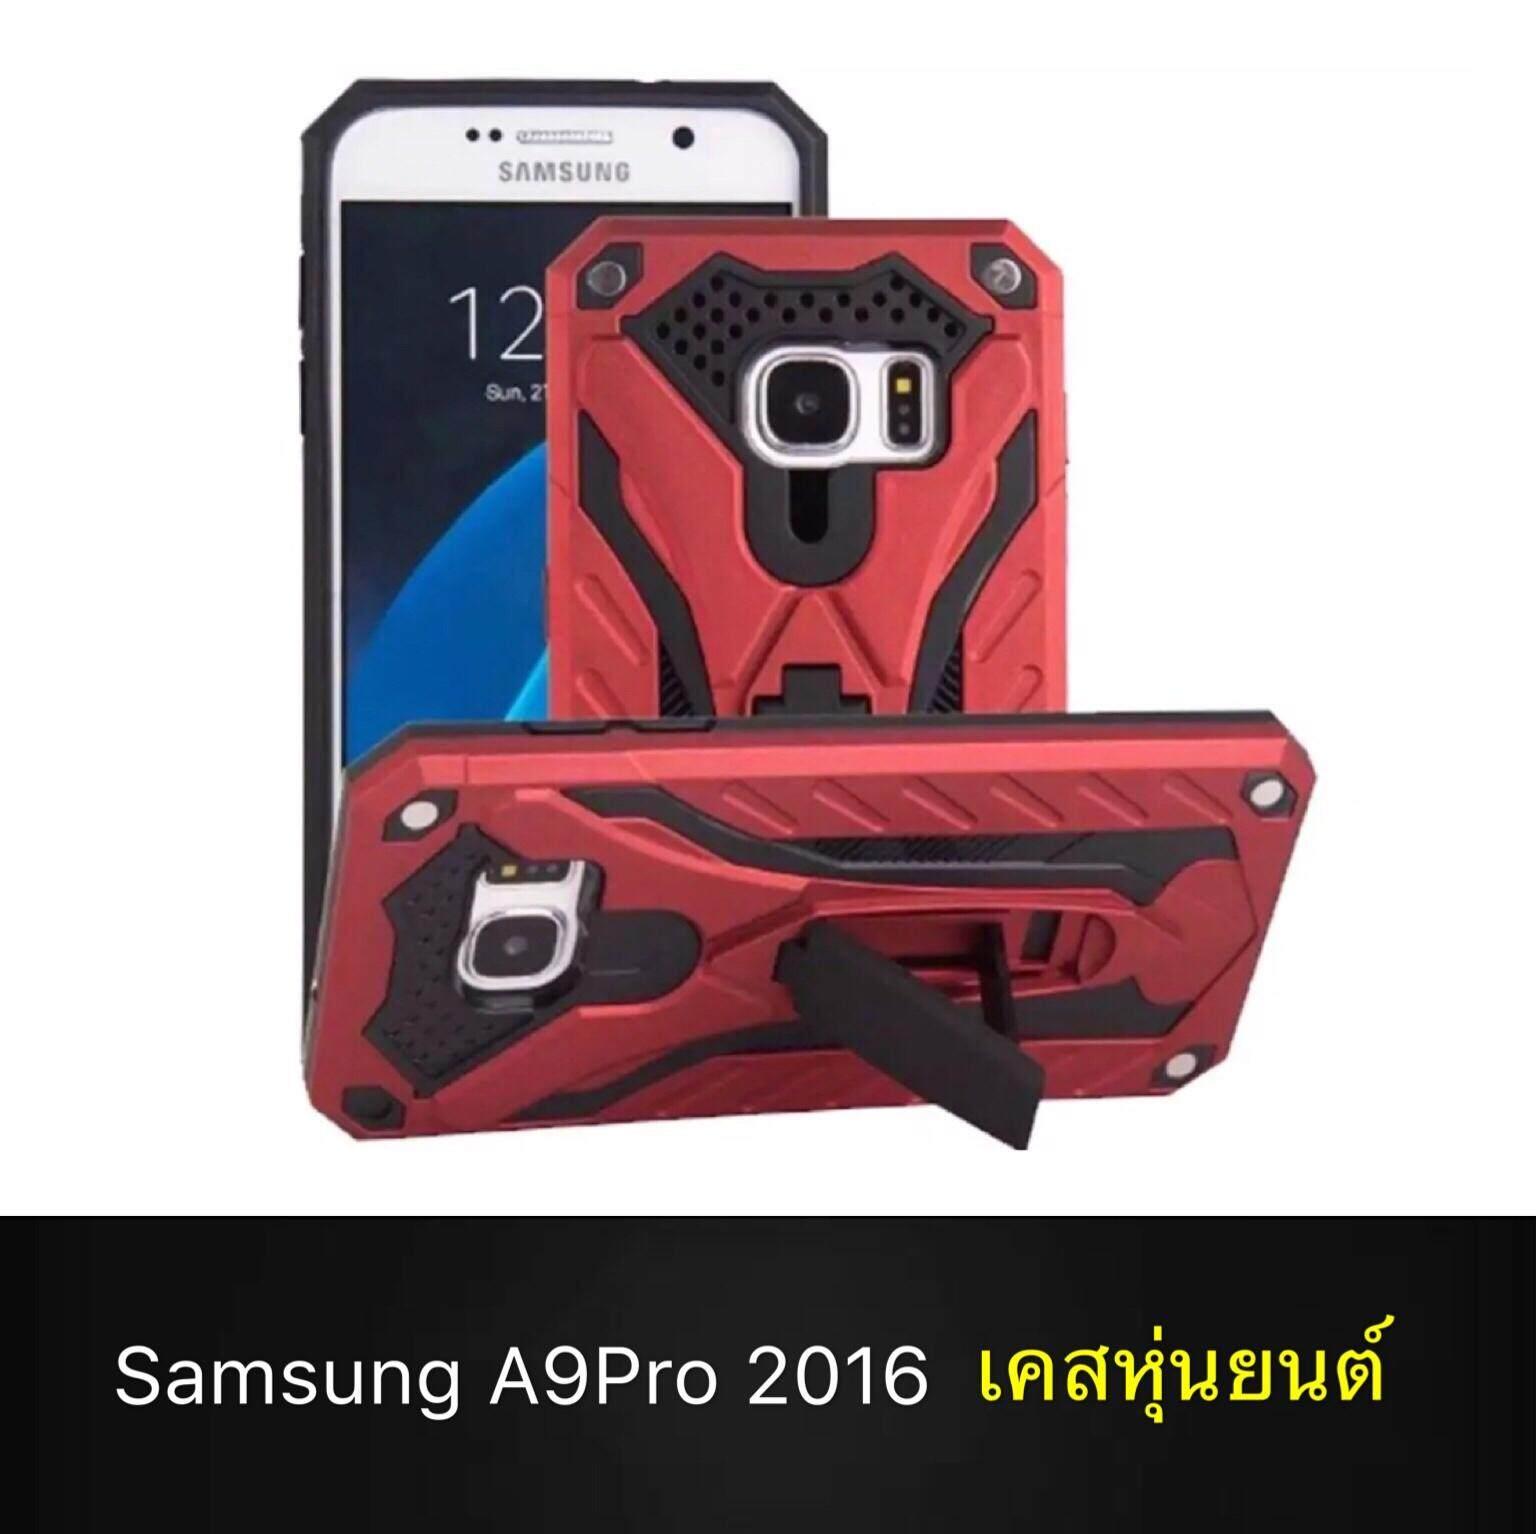 [ส่งจากไทย] Case Samsung A9pro 2016 เคสหุ่นยนต์ Robot Case  เคสไฮบริด มีขาตั้ง เคสกันกระแทก Tpu Case สินค้าใหม่ Fashion Case 2020.